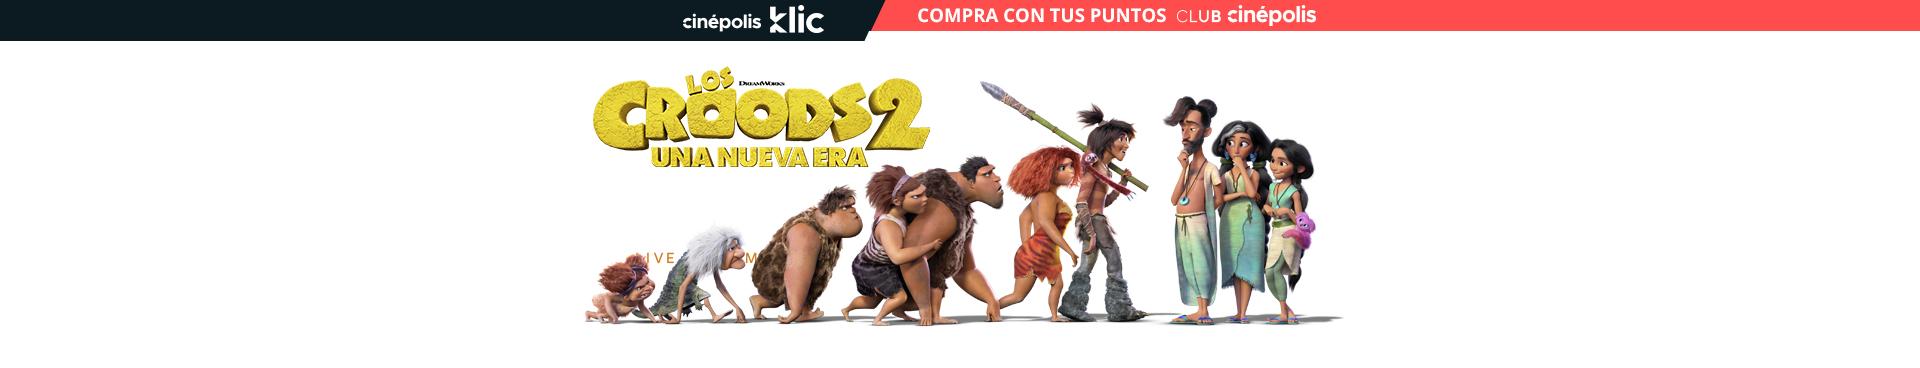 Klic Los Croods 2